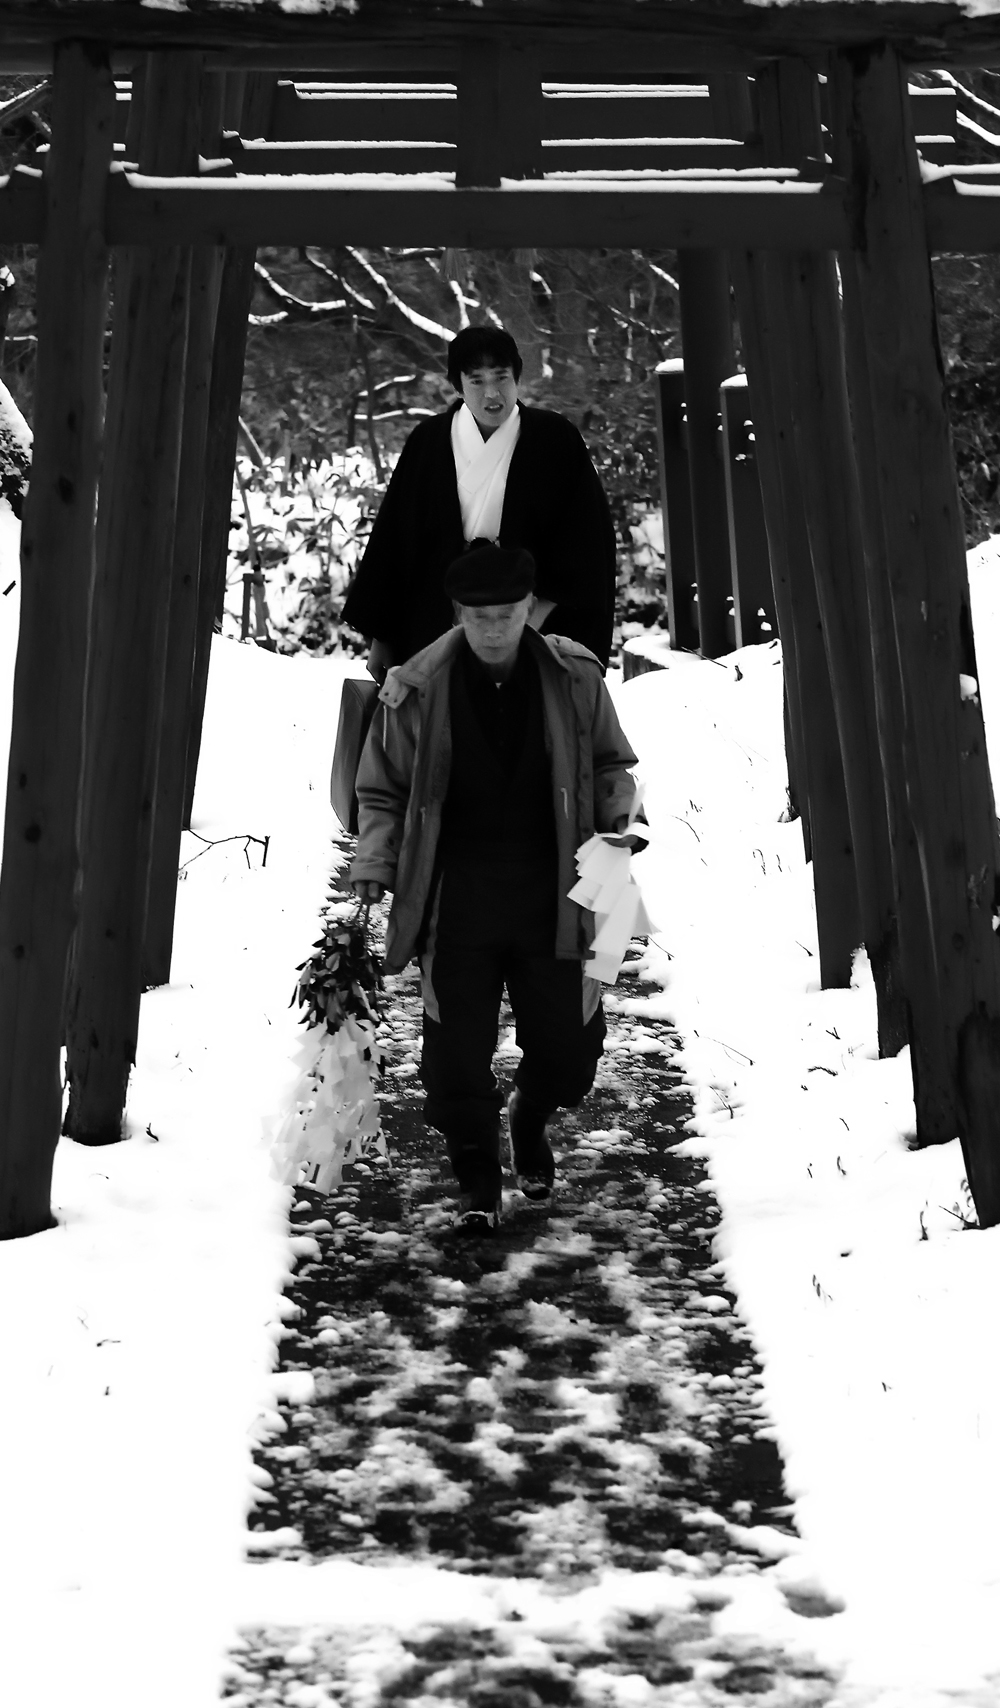 前夜、降り積もった雪が残る山道を登ってくる神主さんら